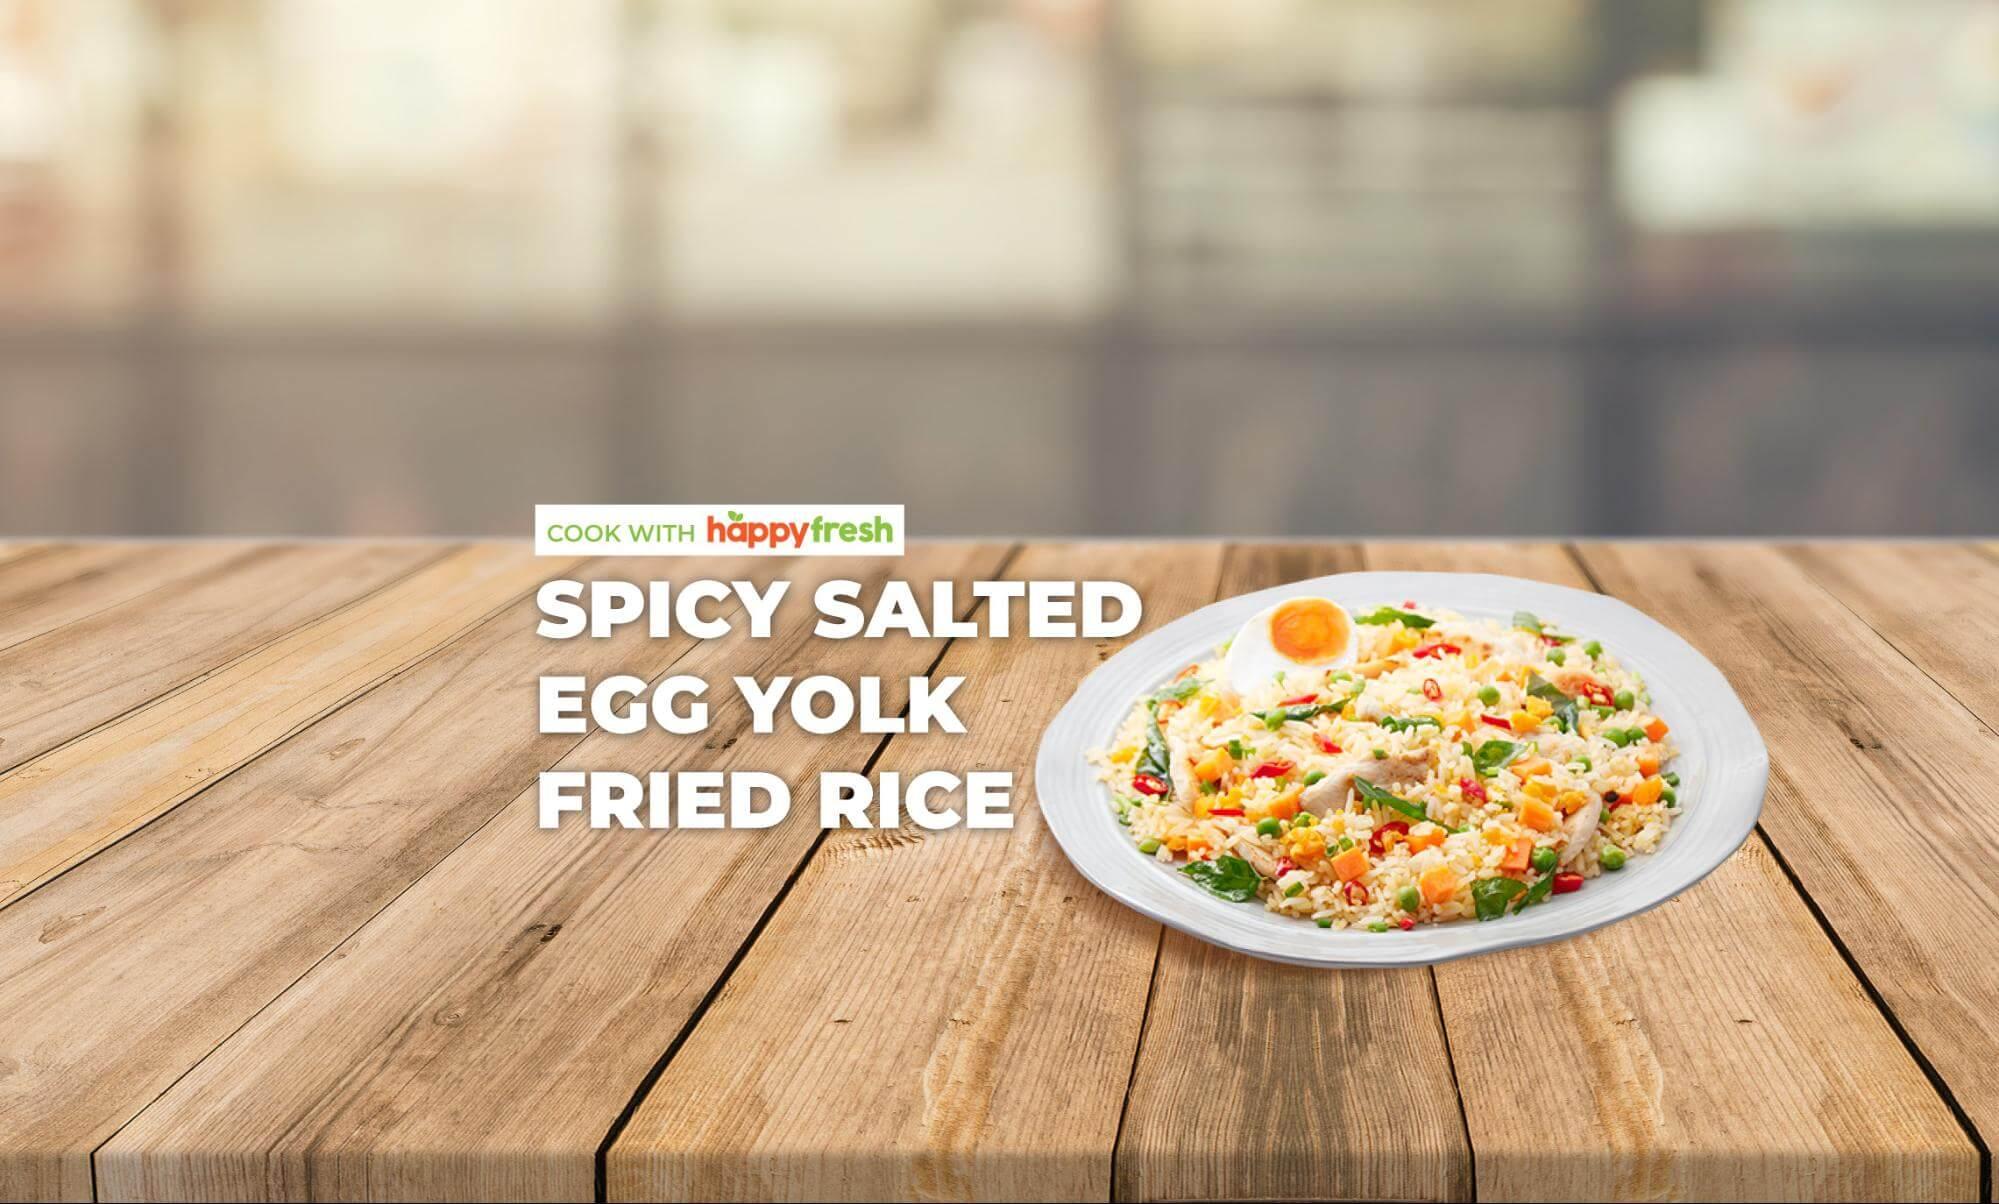 Spicy Salted Egg Yolk Chicken Fried Rice